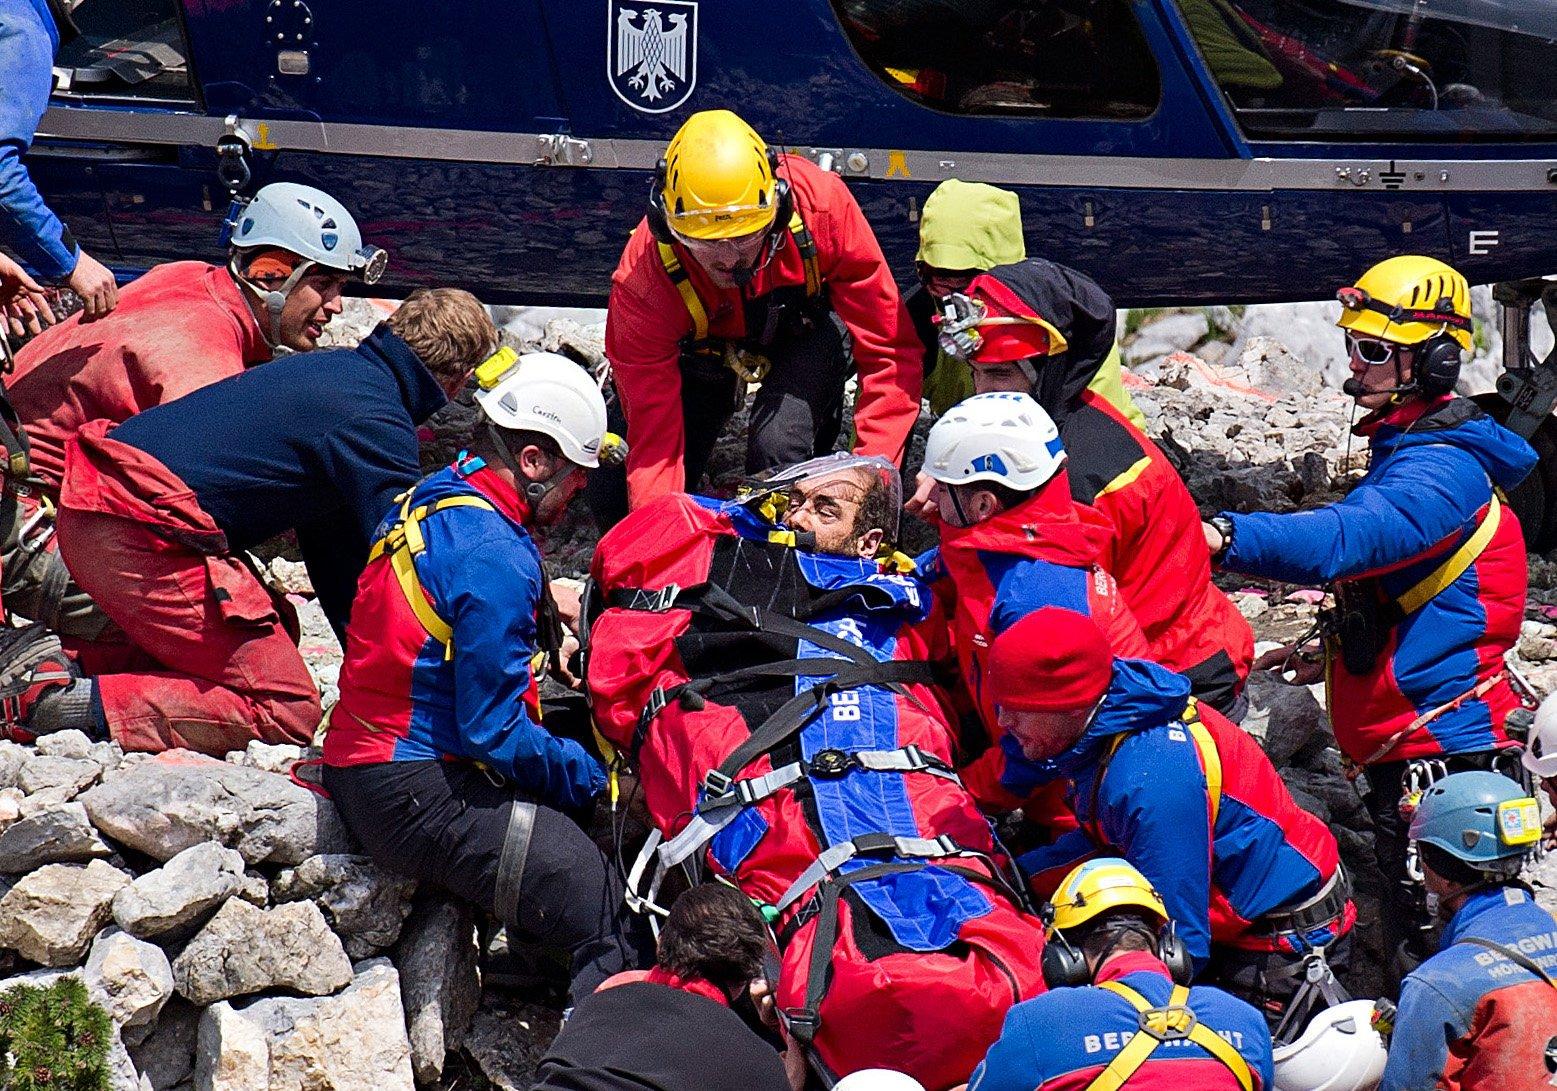 So schnell wie möglich schafften die Retter den verletzten Westhauser in den Rettungshubschrauber. Er ist von den Strapazen sichtlich mitgenommen.